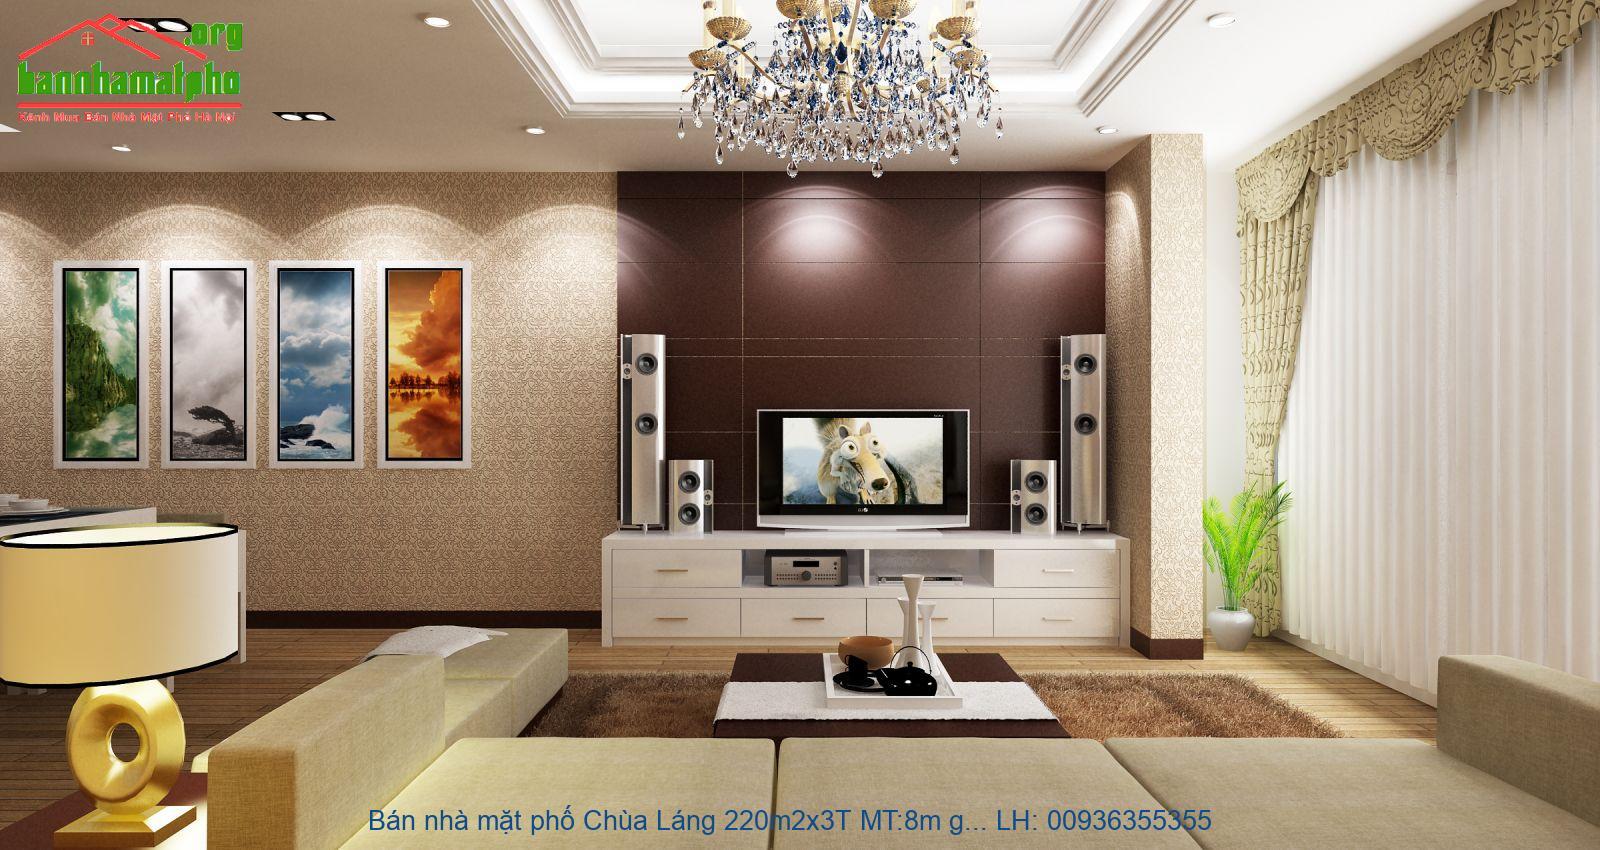 Bán nhà mặt phố Chùa Láng 220m2x3T MT:8m giá 40tỷ